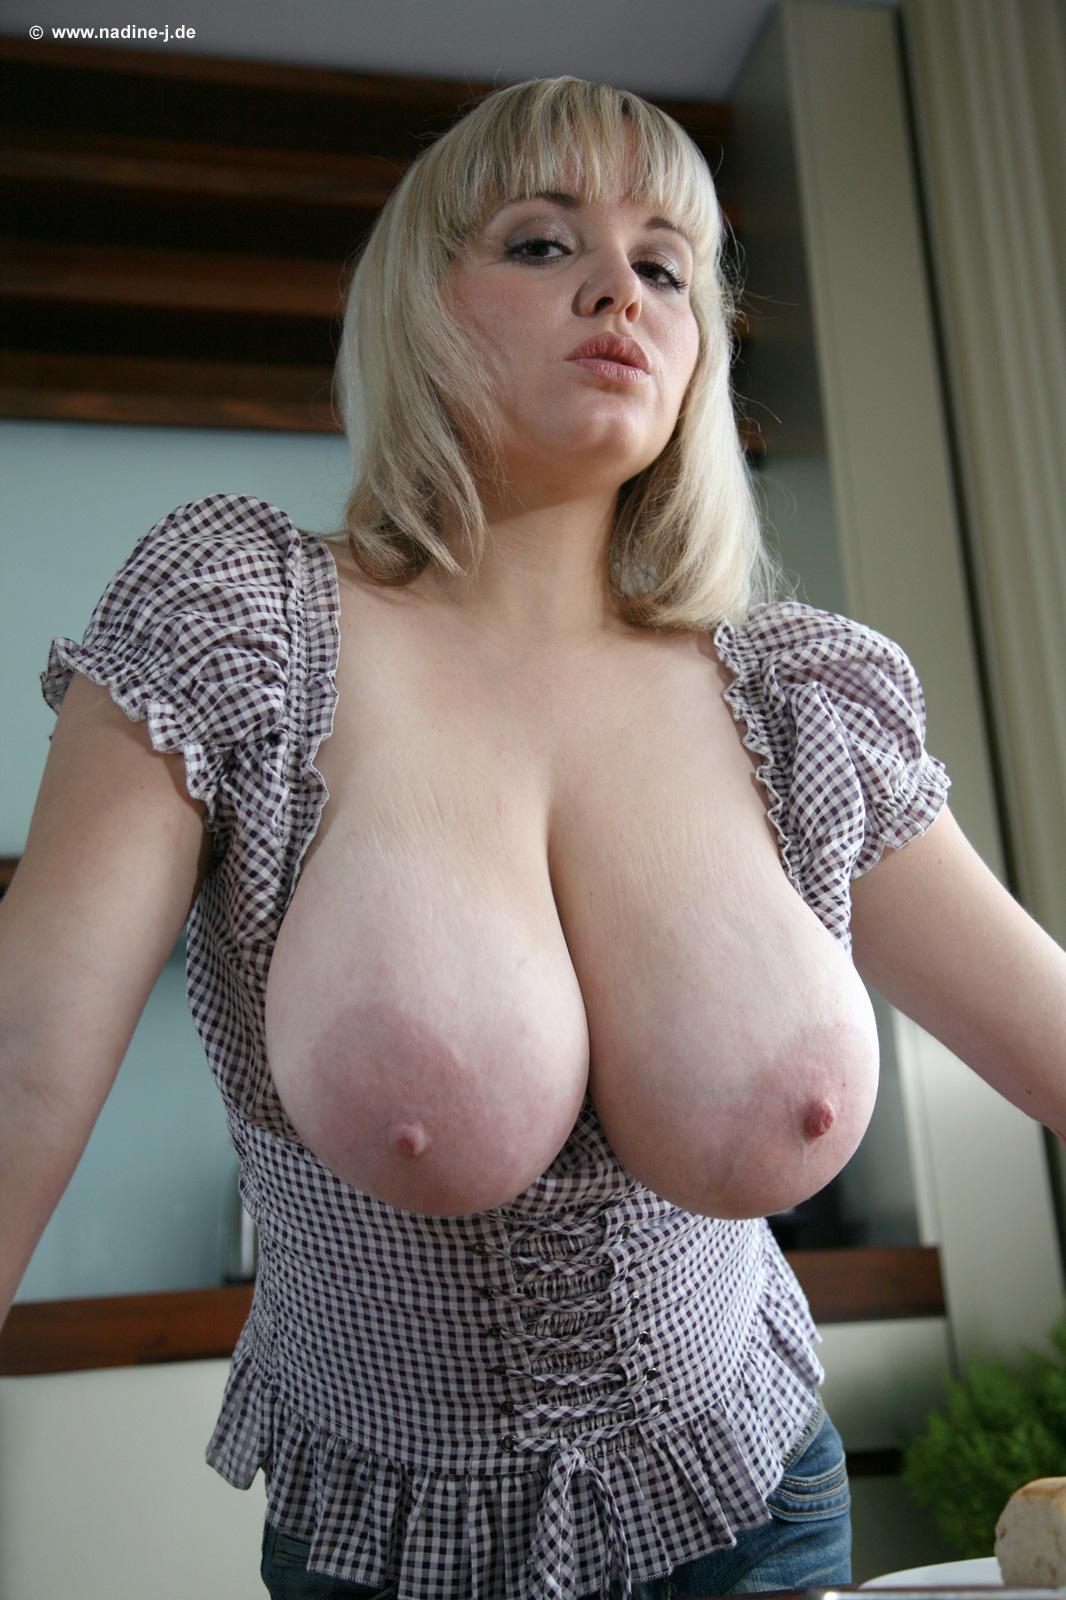 Висячая большая грудь фото